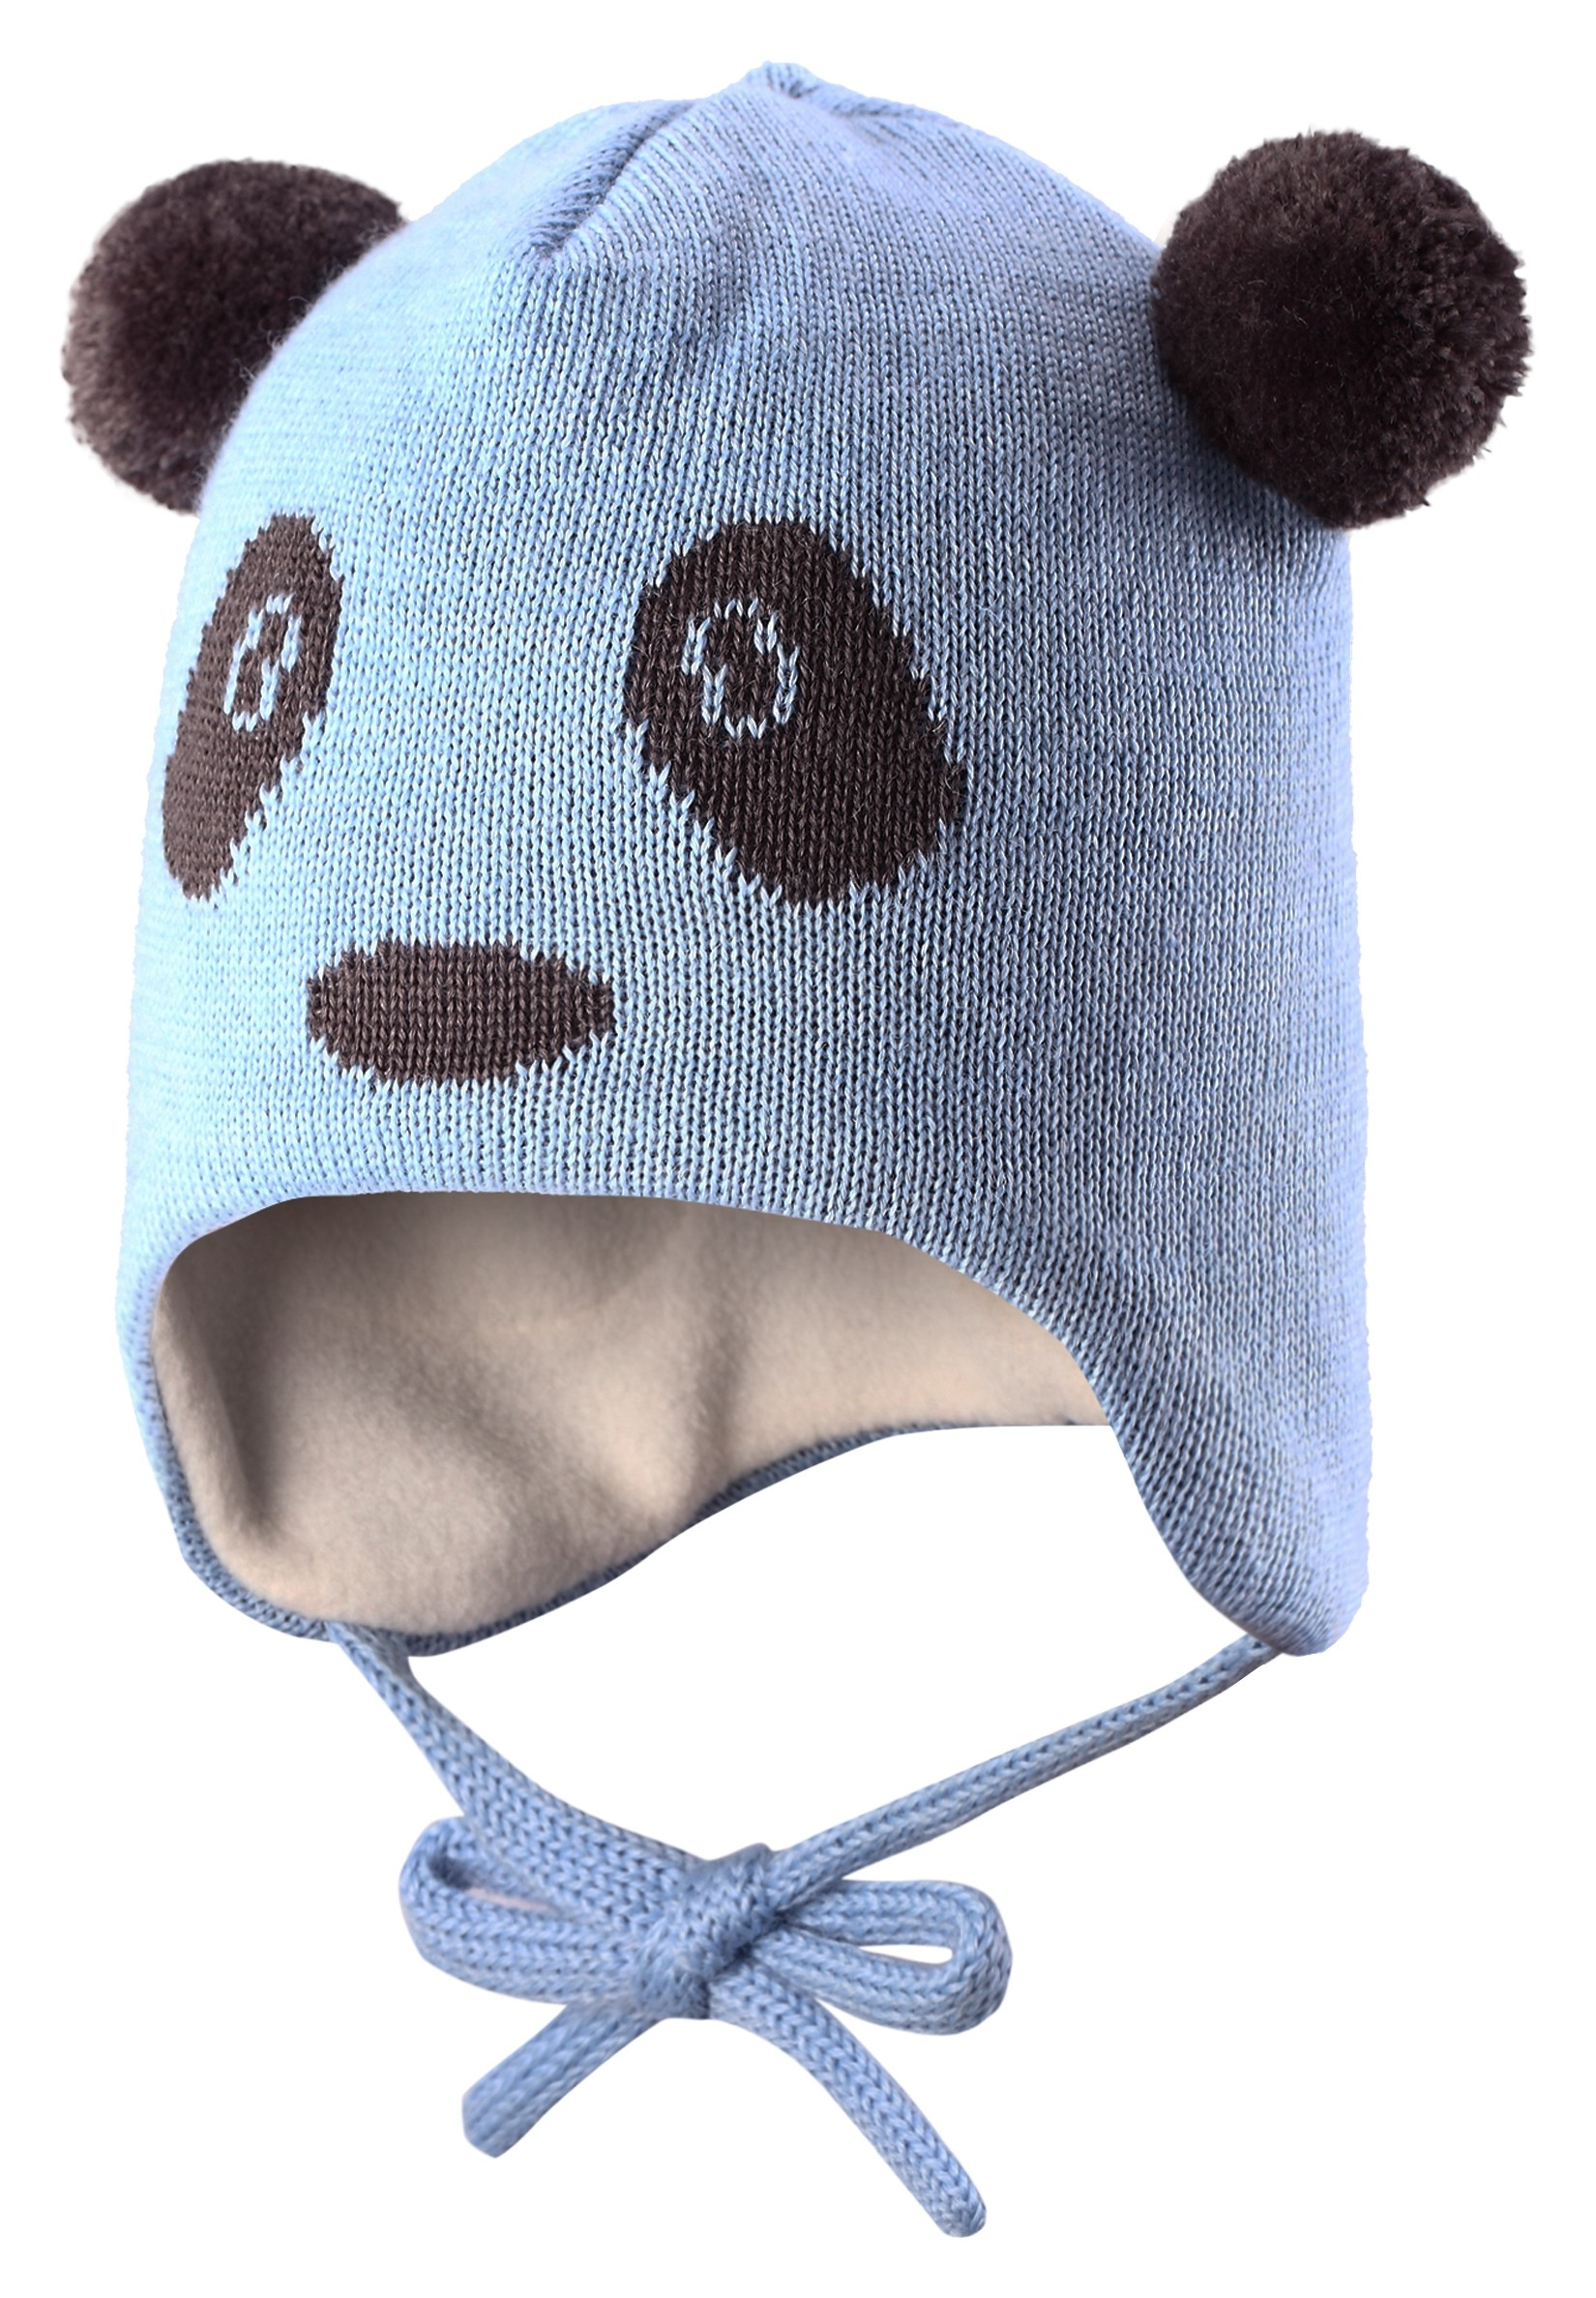 Головные уборы, Шапка для мальчика Reima, светло-голубая, Lassie, Китай, светло-голубой, Мужской  - купить со скидкой